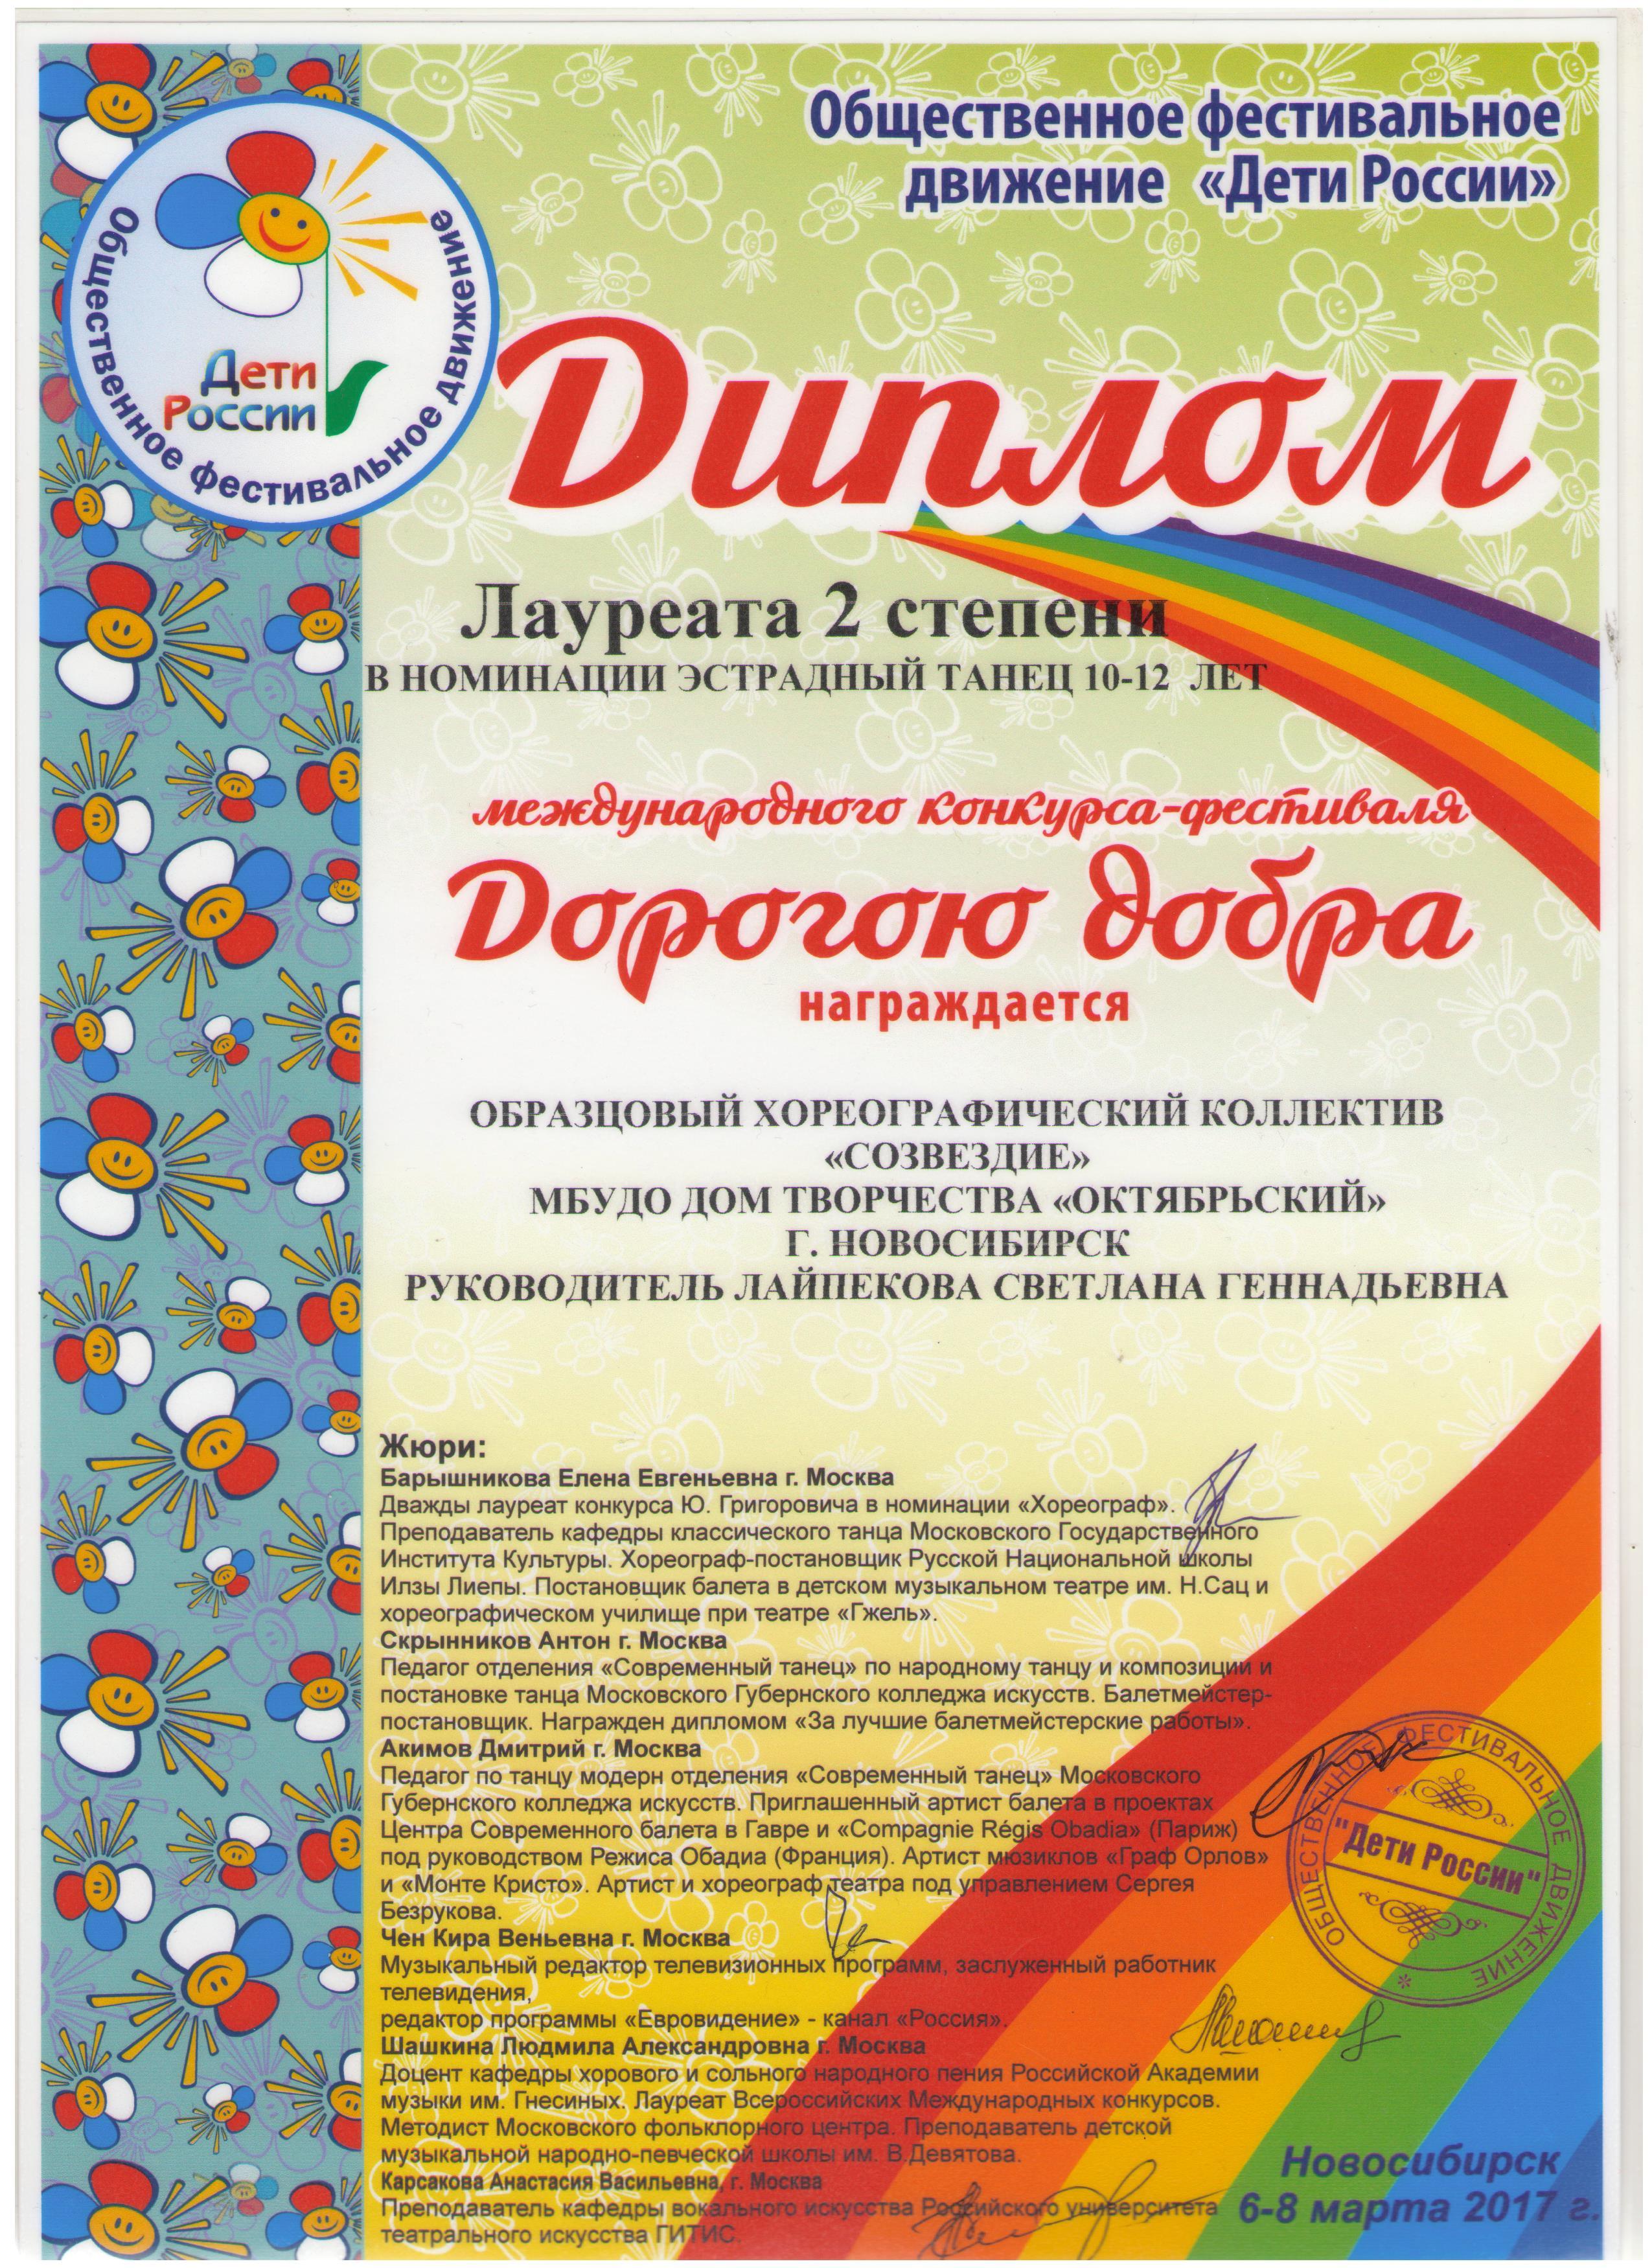 Dorogoyu-dobra_Laureat-2-stepeni-001